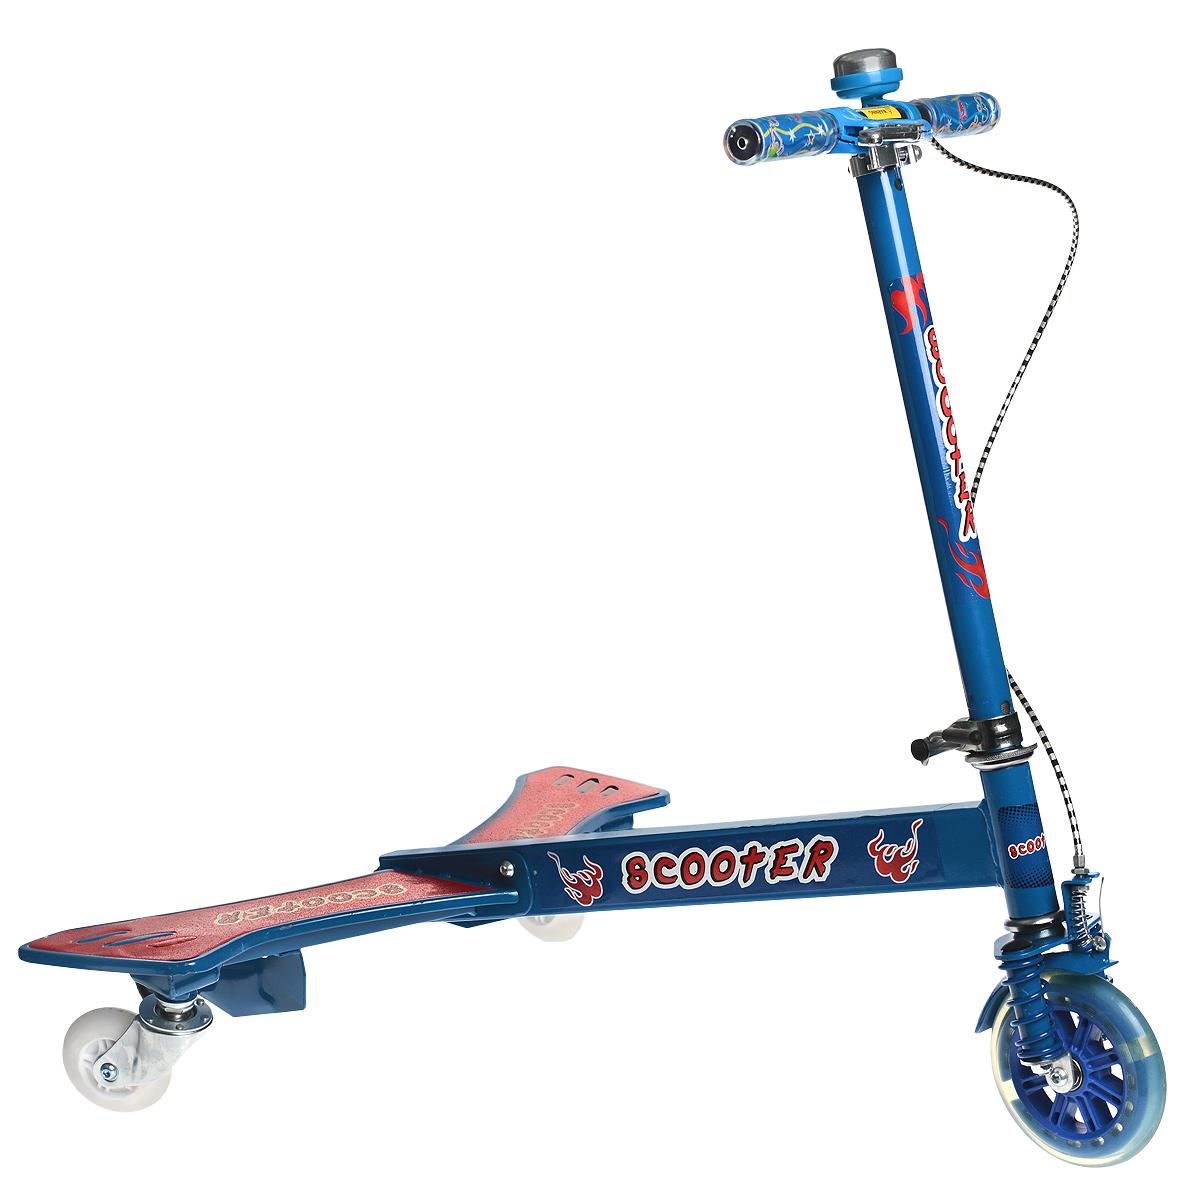 Самокат тридер, цвет: синий. BY859345BY859345_blueКрылатый трехколесный самокат станет прекрасным подарком для любителя скорости и активного отдыха. Он представляет собой необычный тип самоката, но катание на нем будет интересно как детям, так и взрослым. Конструкция состоит их двух частей - передняя рулевая стойка с одним колесом и задняя платформа для ног. Во время катания не нужно отталкиваться ногой от земли, обеими ногами вы стоите на платформе, а приводите самокат в движение торсионными колебаниями нижней части своего корпуса. Два маленьких дополнительных колеса на платформе придают особую устойчивость на начальном этапе обучения катанию. Основные задние колеса разворачиваются на 360 градусов, что обеспечивает хорошую маневренность. Мягкие резиновые колеса обеспечивают движение без тряски, рукоятка самоката регулируется по высоте, ручки покрыты мягким прорезиненным материалом, что позволяет избежать мозолей на ладонях. Платформа самоката дополнена специальным покрытием, благодаря которому нога не будет соскальзывать с нее....